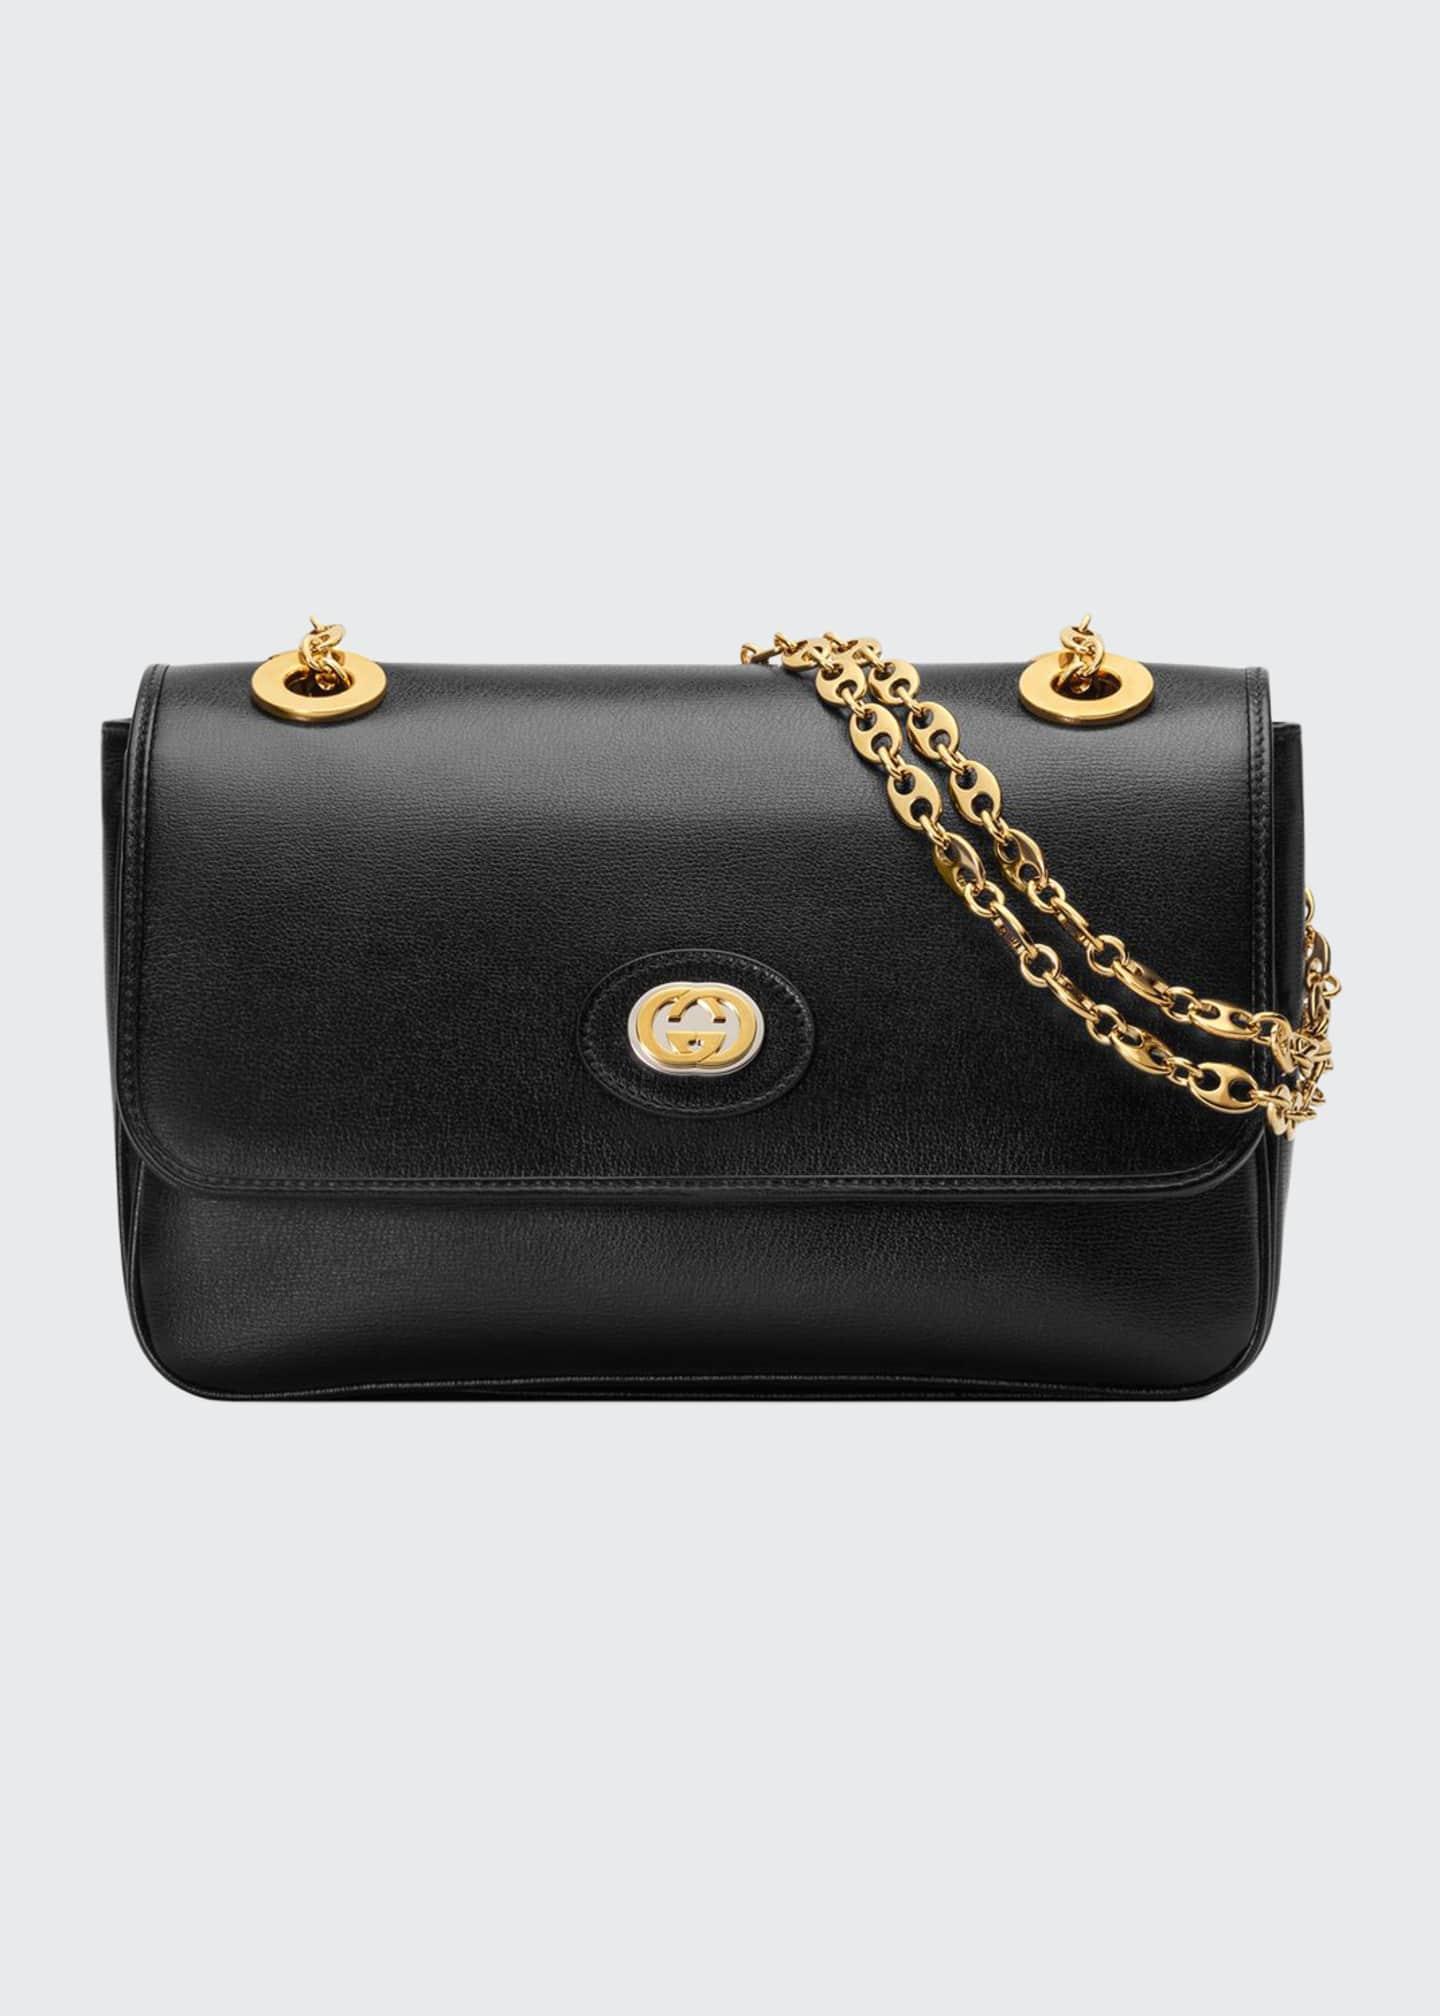 Gucci Linea Marina Small Shoulder Bag